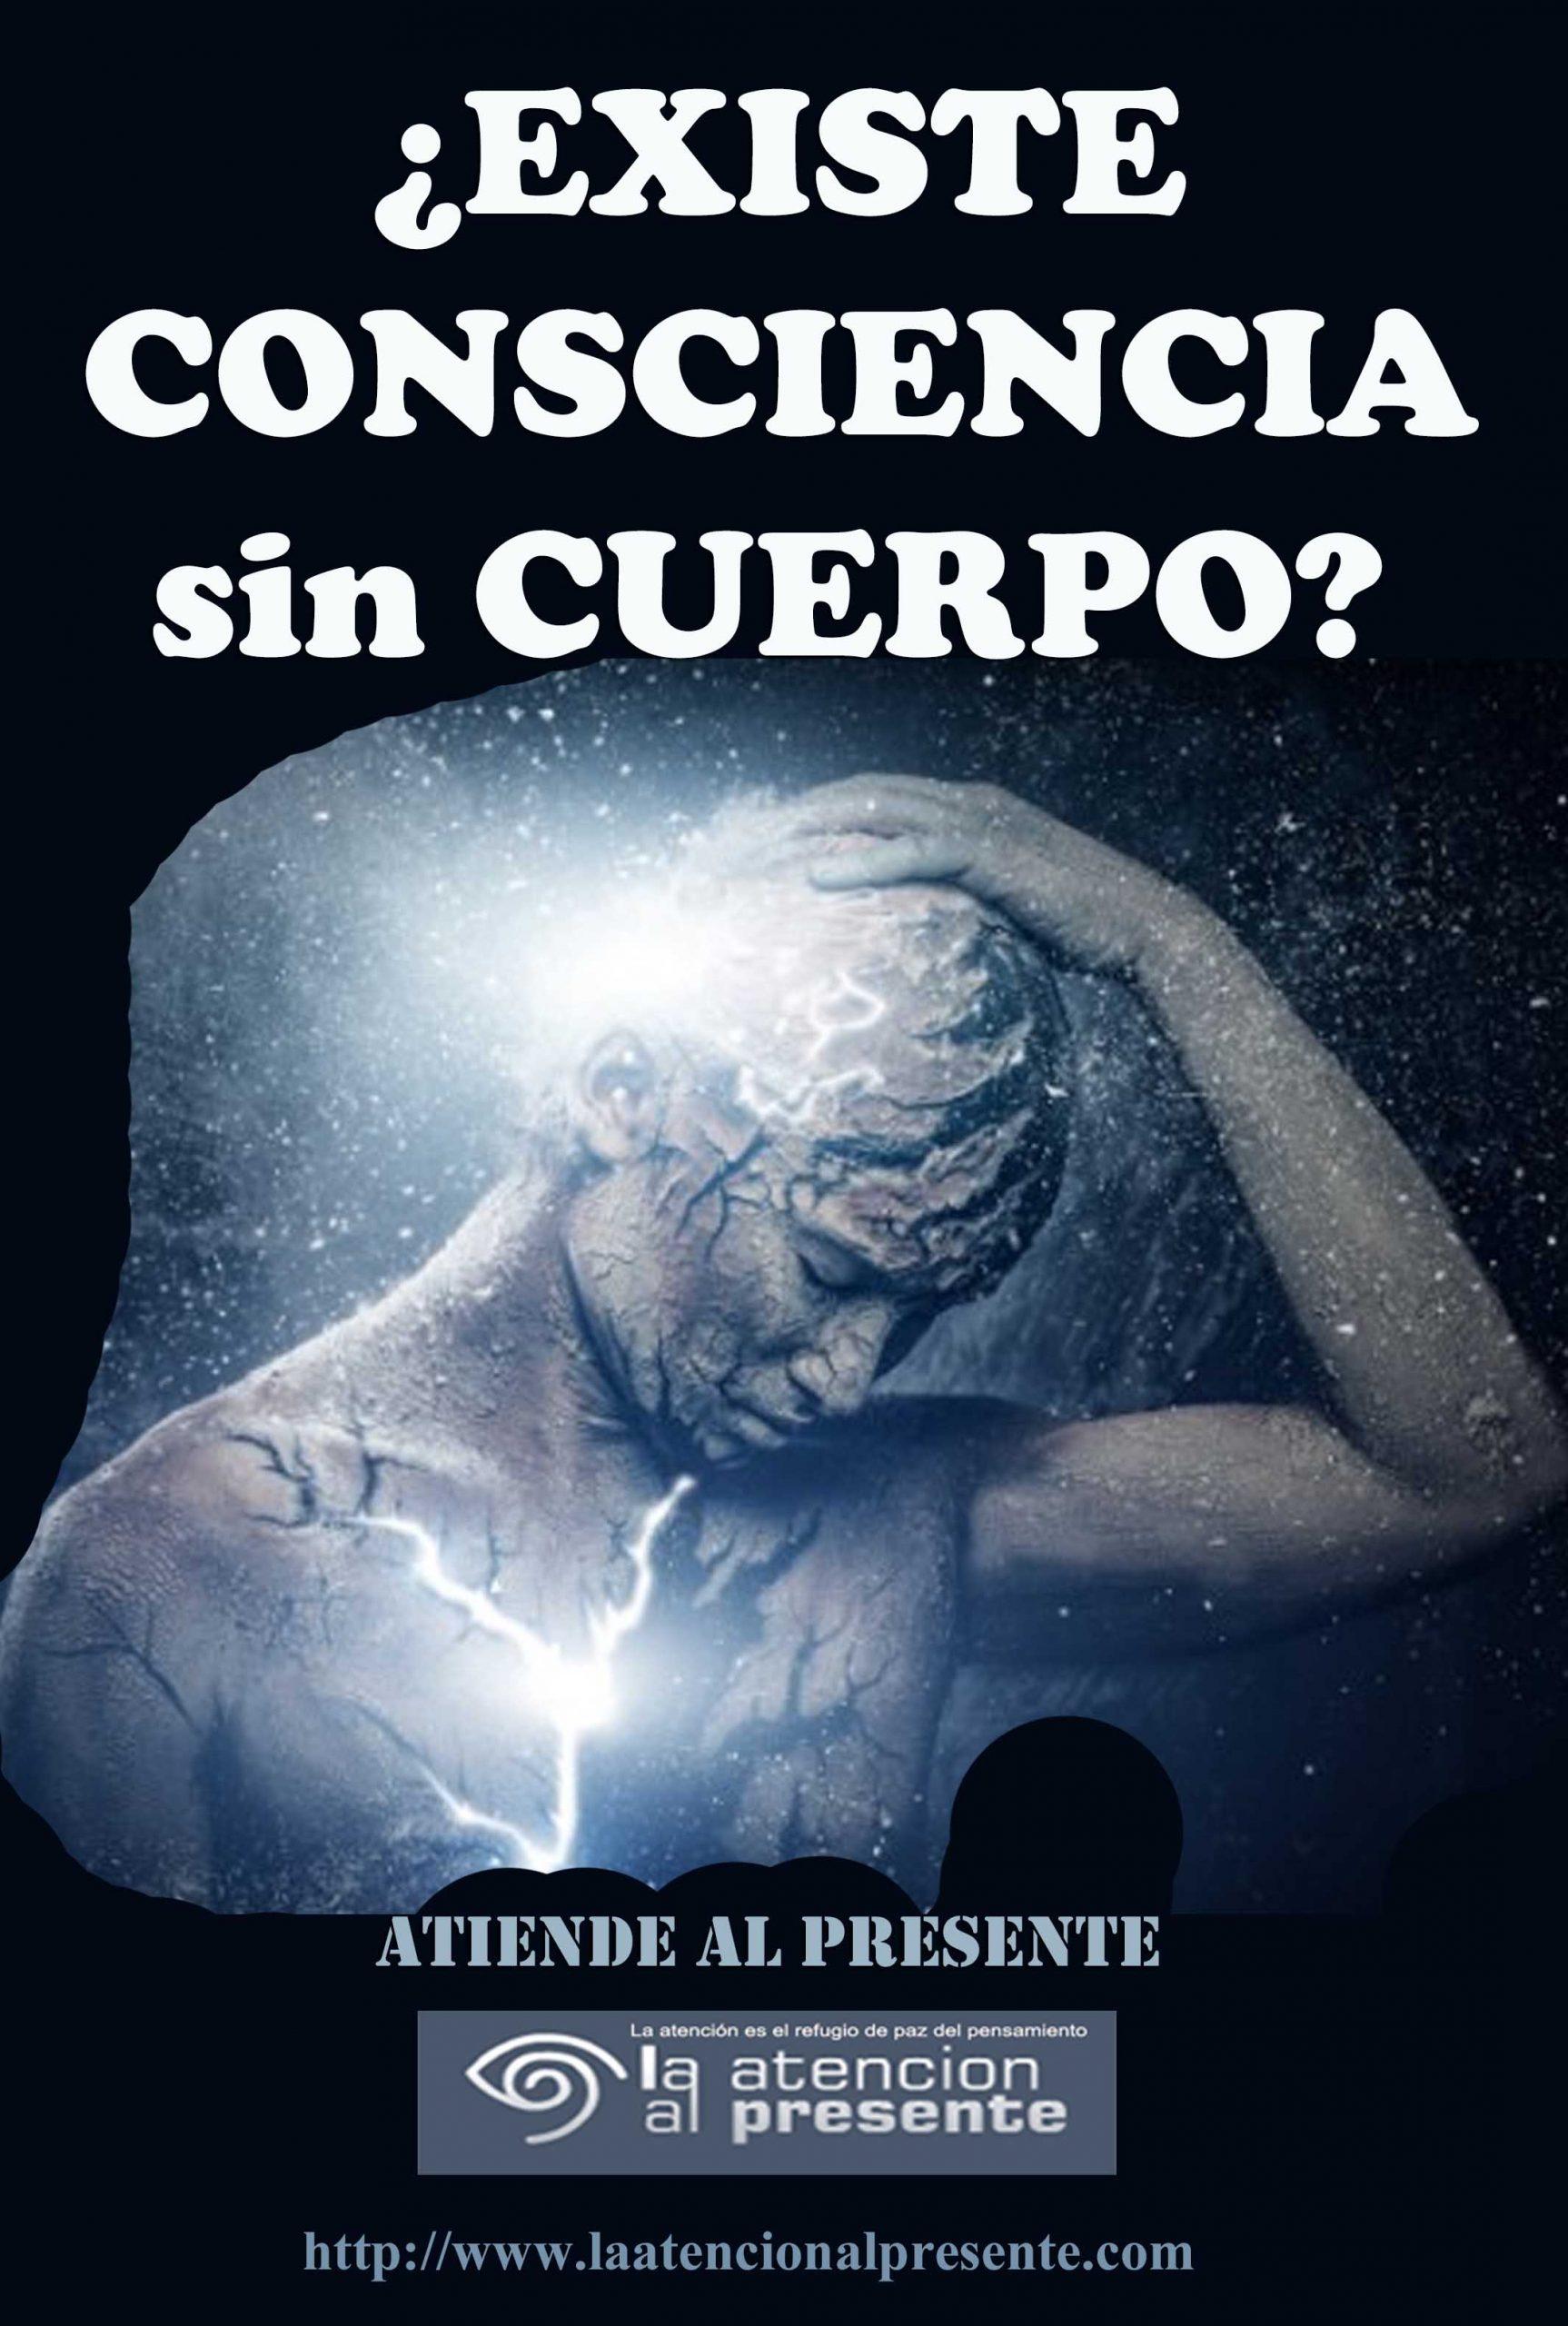 17 de marzo Esteban Existe CONSCIENCIA sin CUERPO min scaled